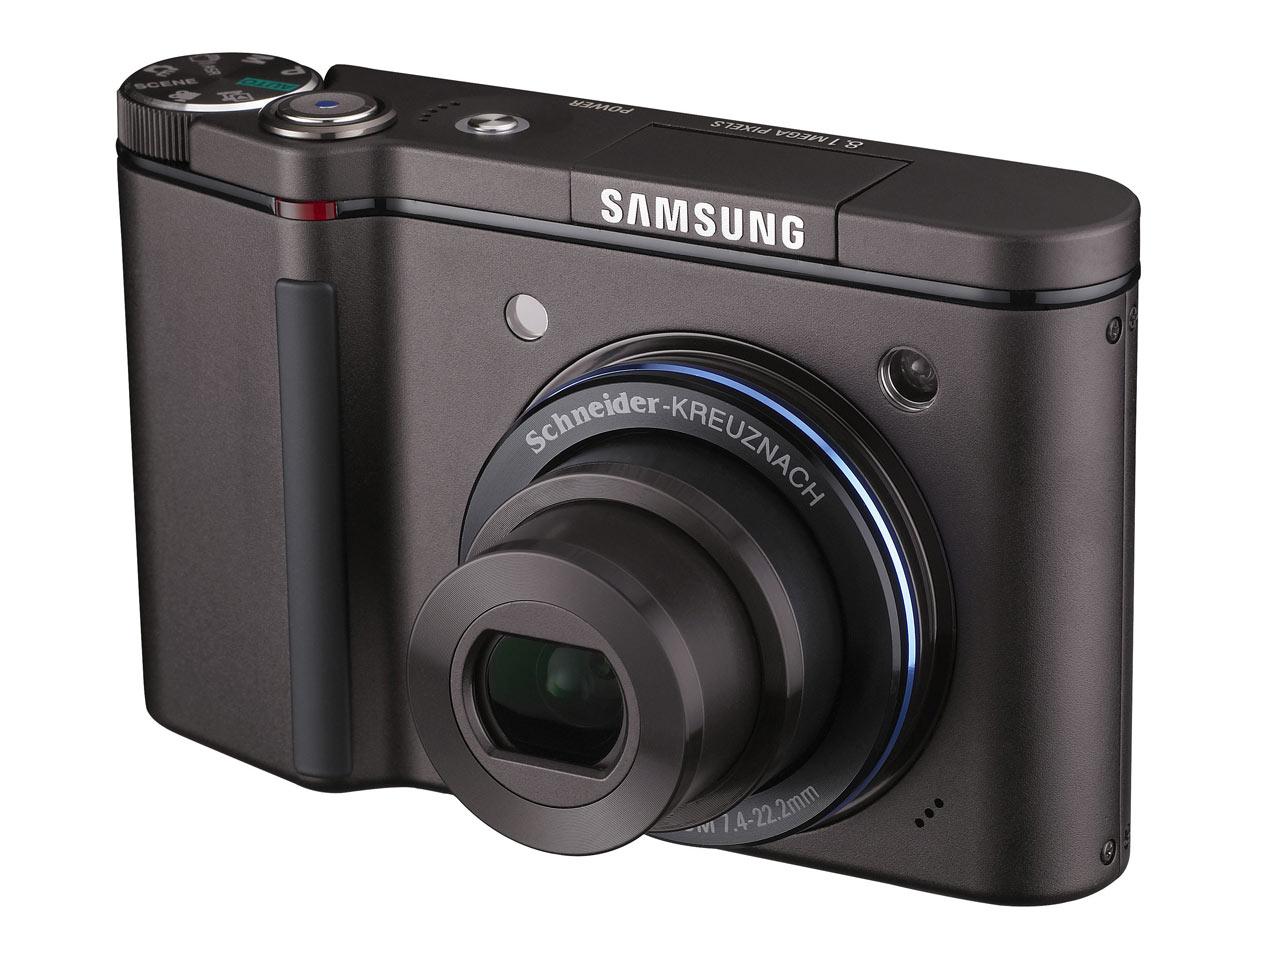 Samsung NV8 NV15 NV20 CAMERA LCD DISPLAY SCREEN MONITOR